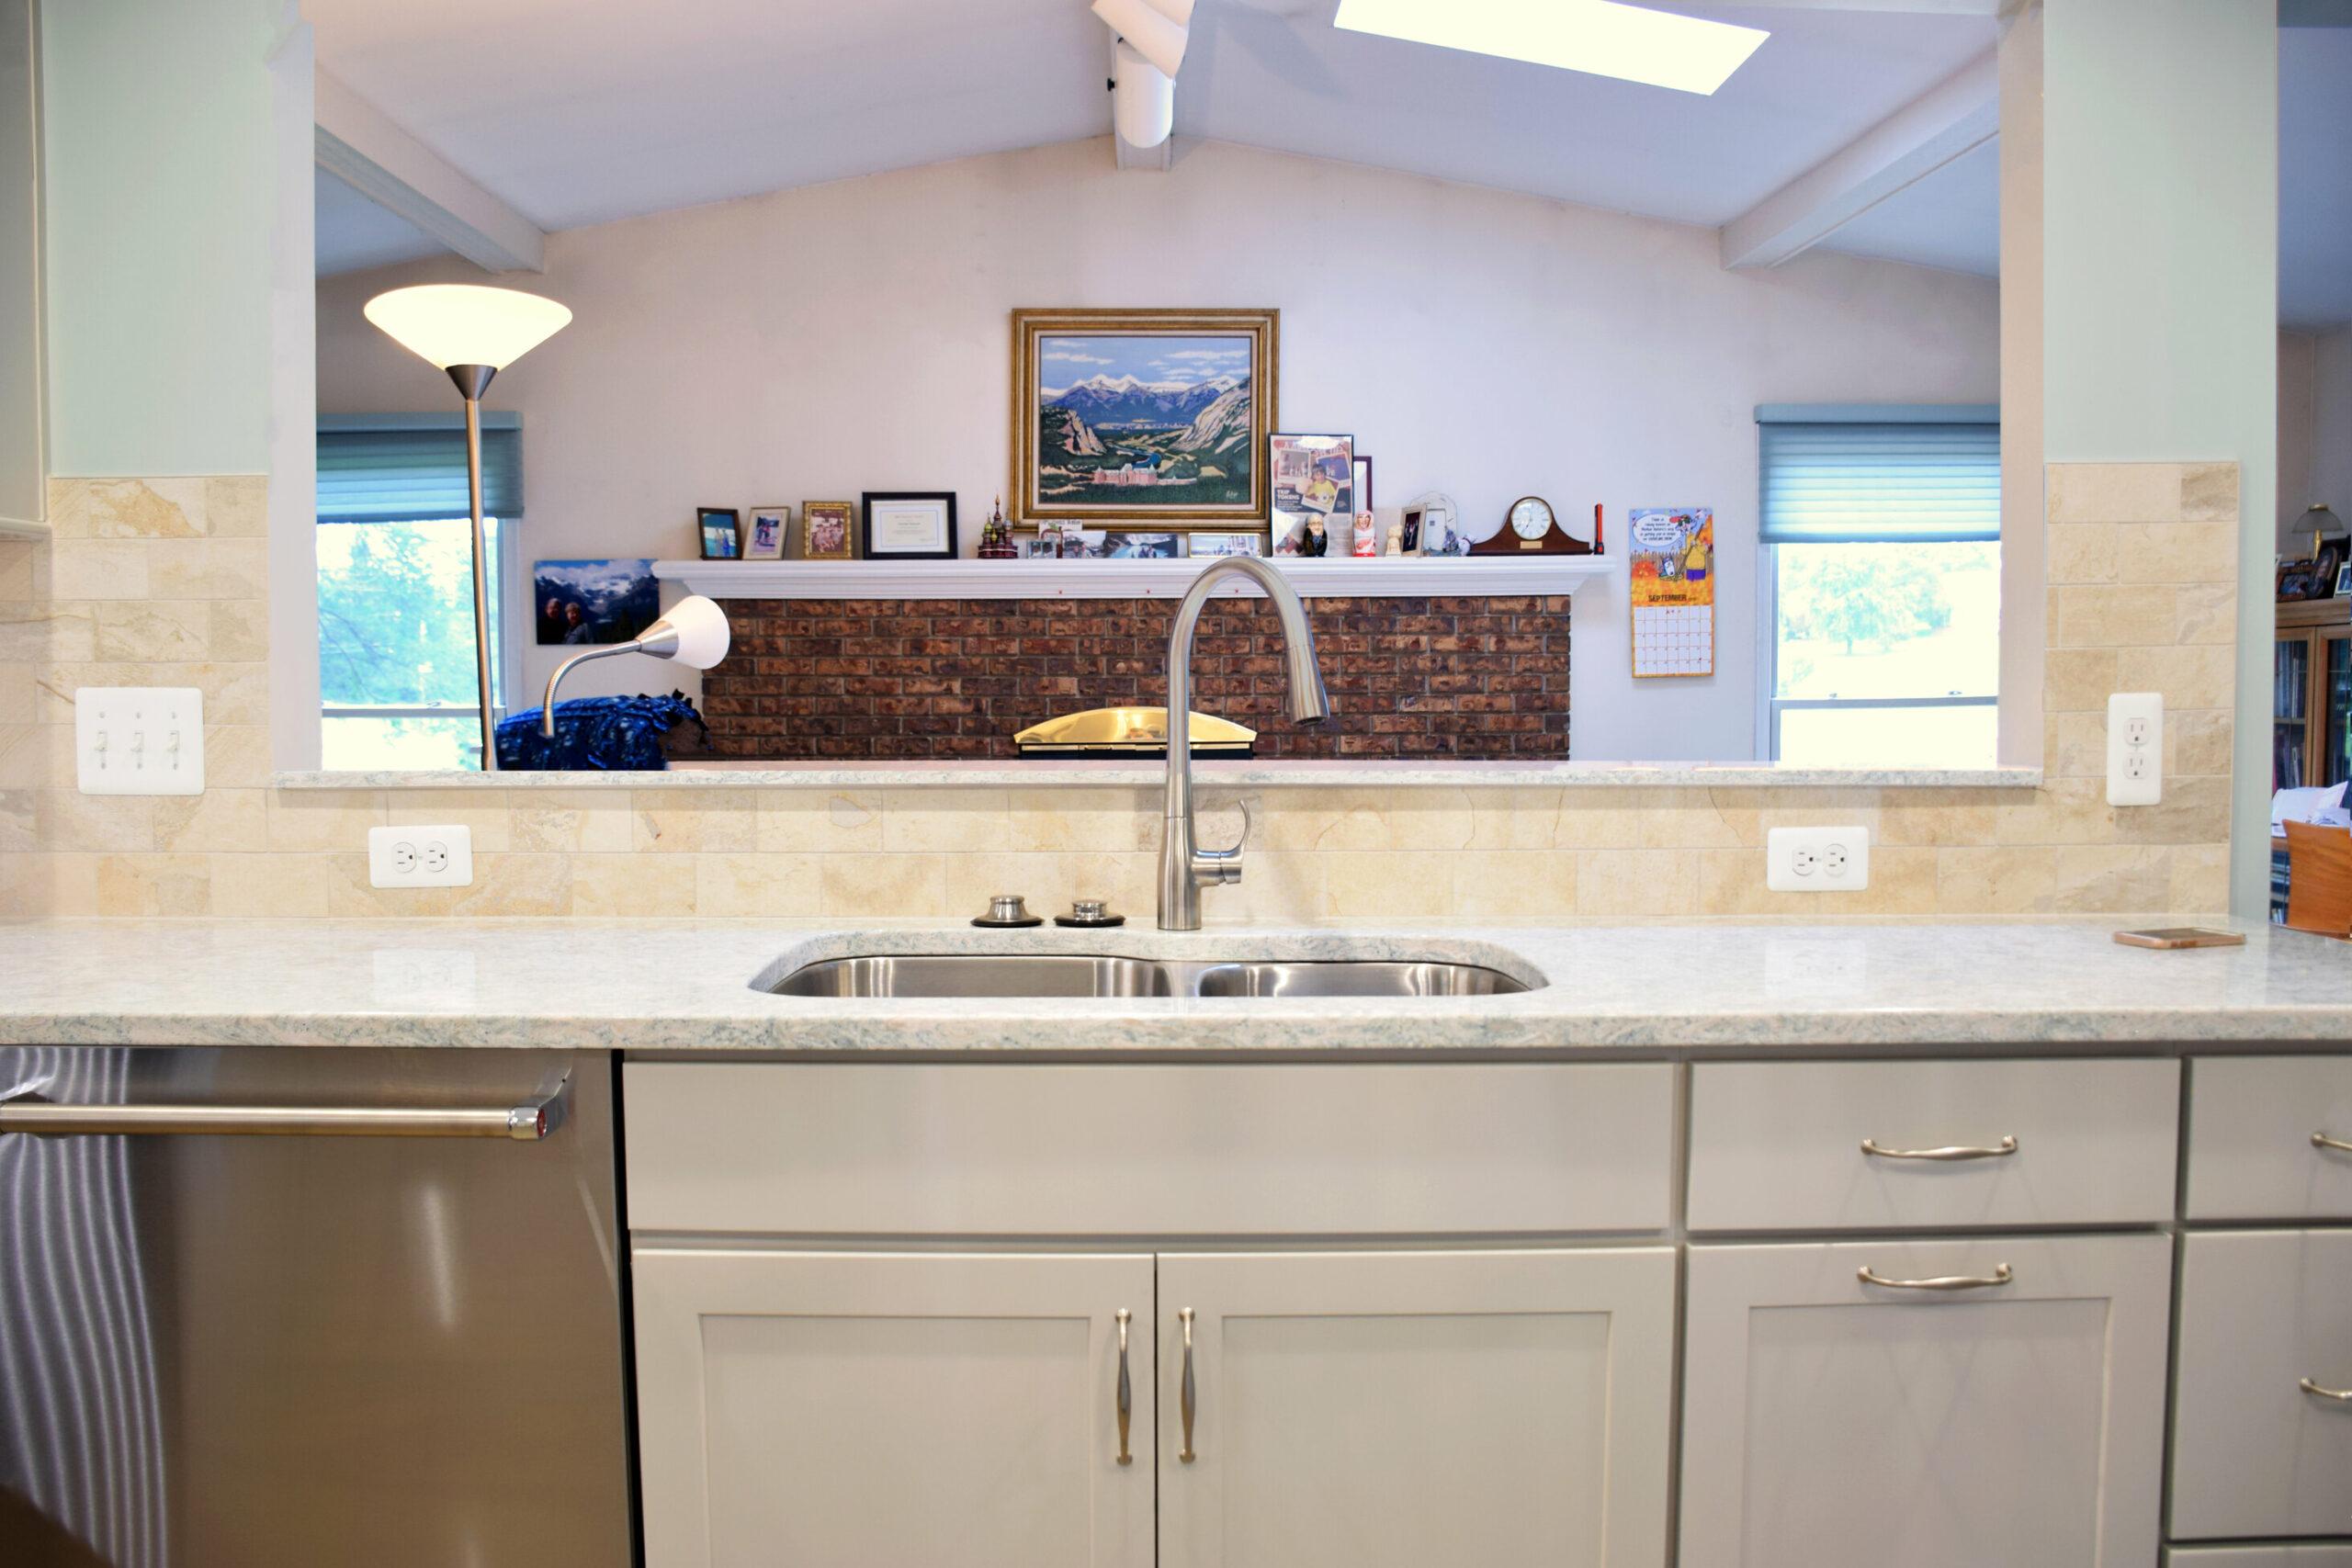 Rochester Hills Kitchen Remodel Pass Through